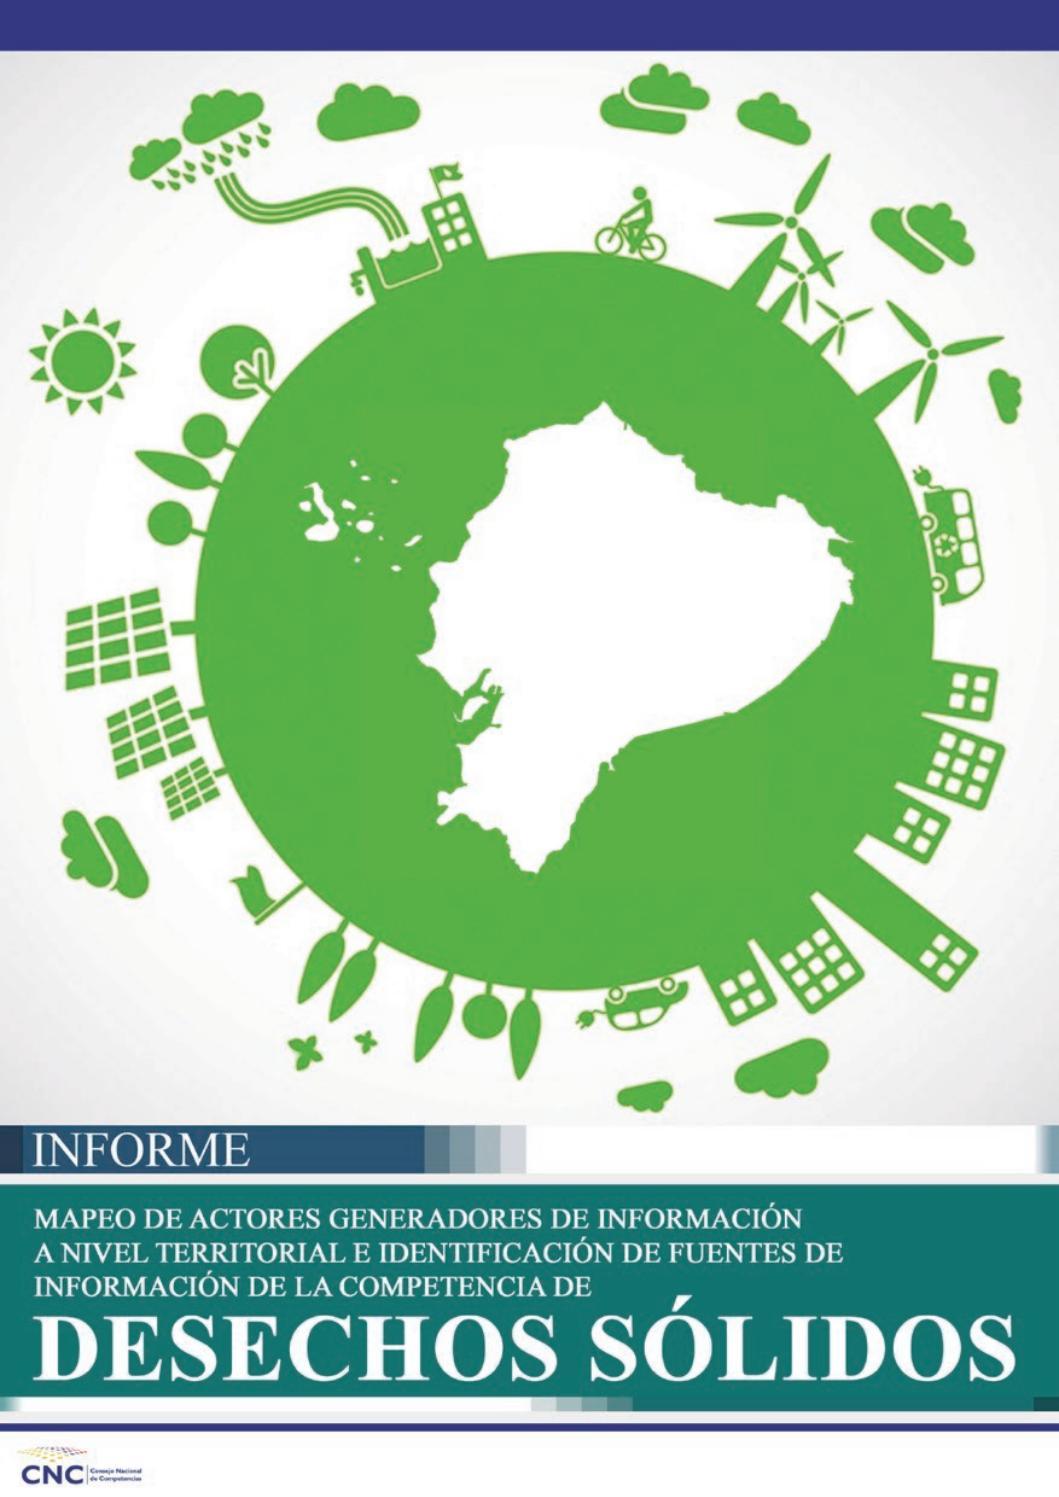 Informe De La Competencia De Desechos Sólidos By Consejo